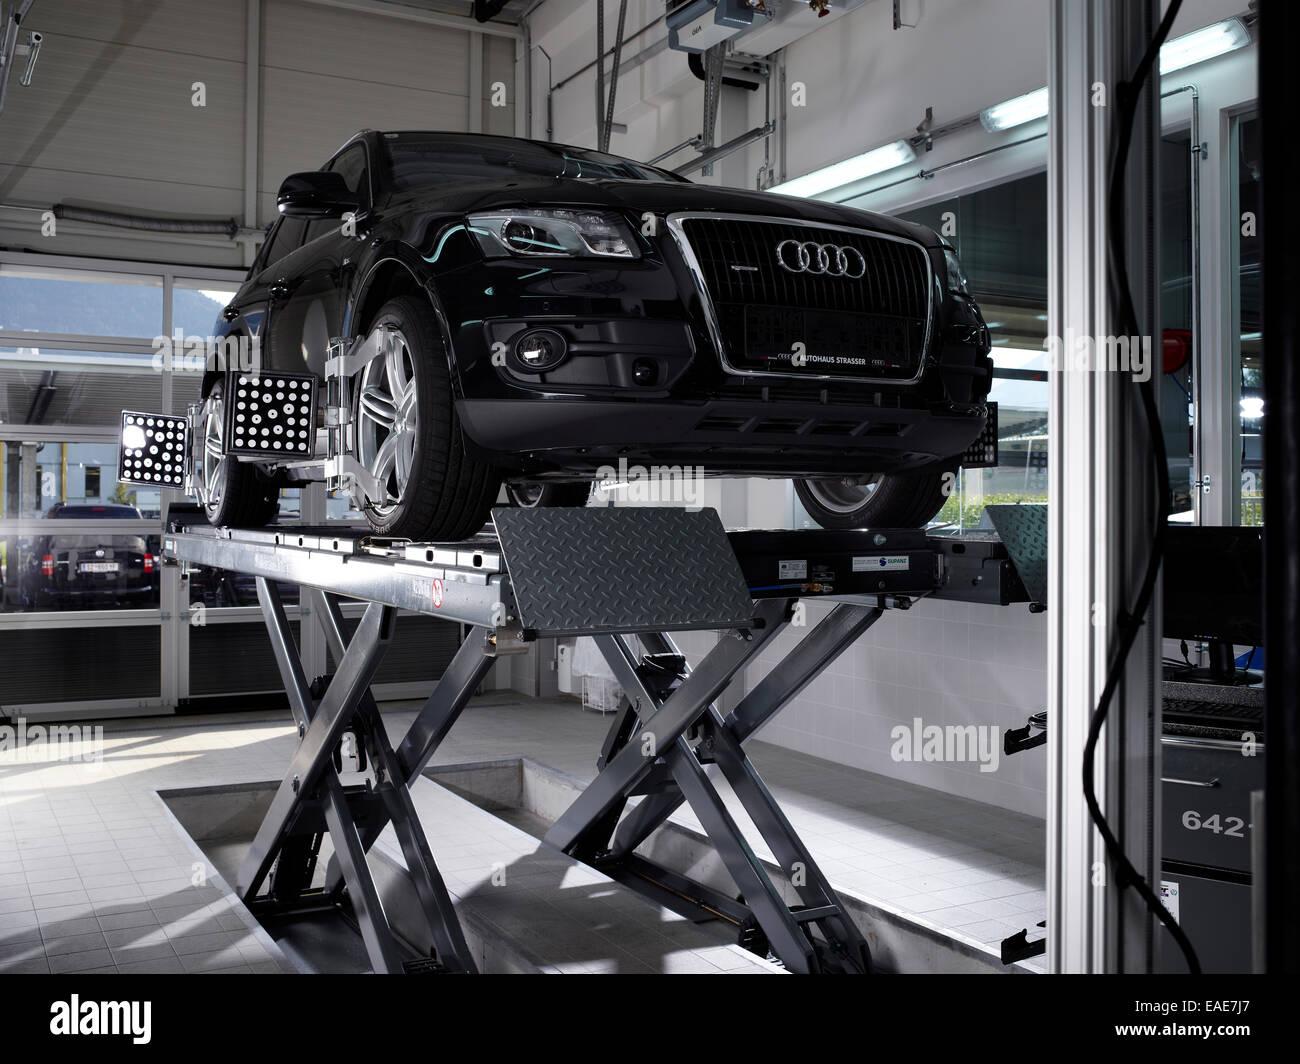 Voiture sur un palan avec panneaux d'essai de pression équipé pour l'alignement des roues, atelier Photo Stock